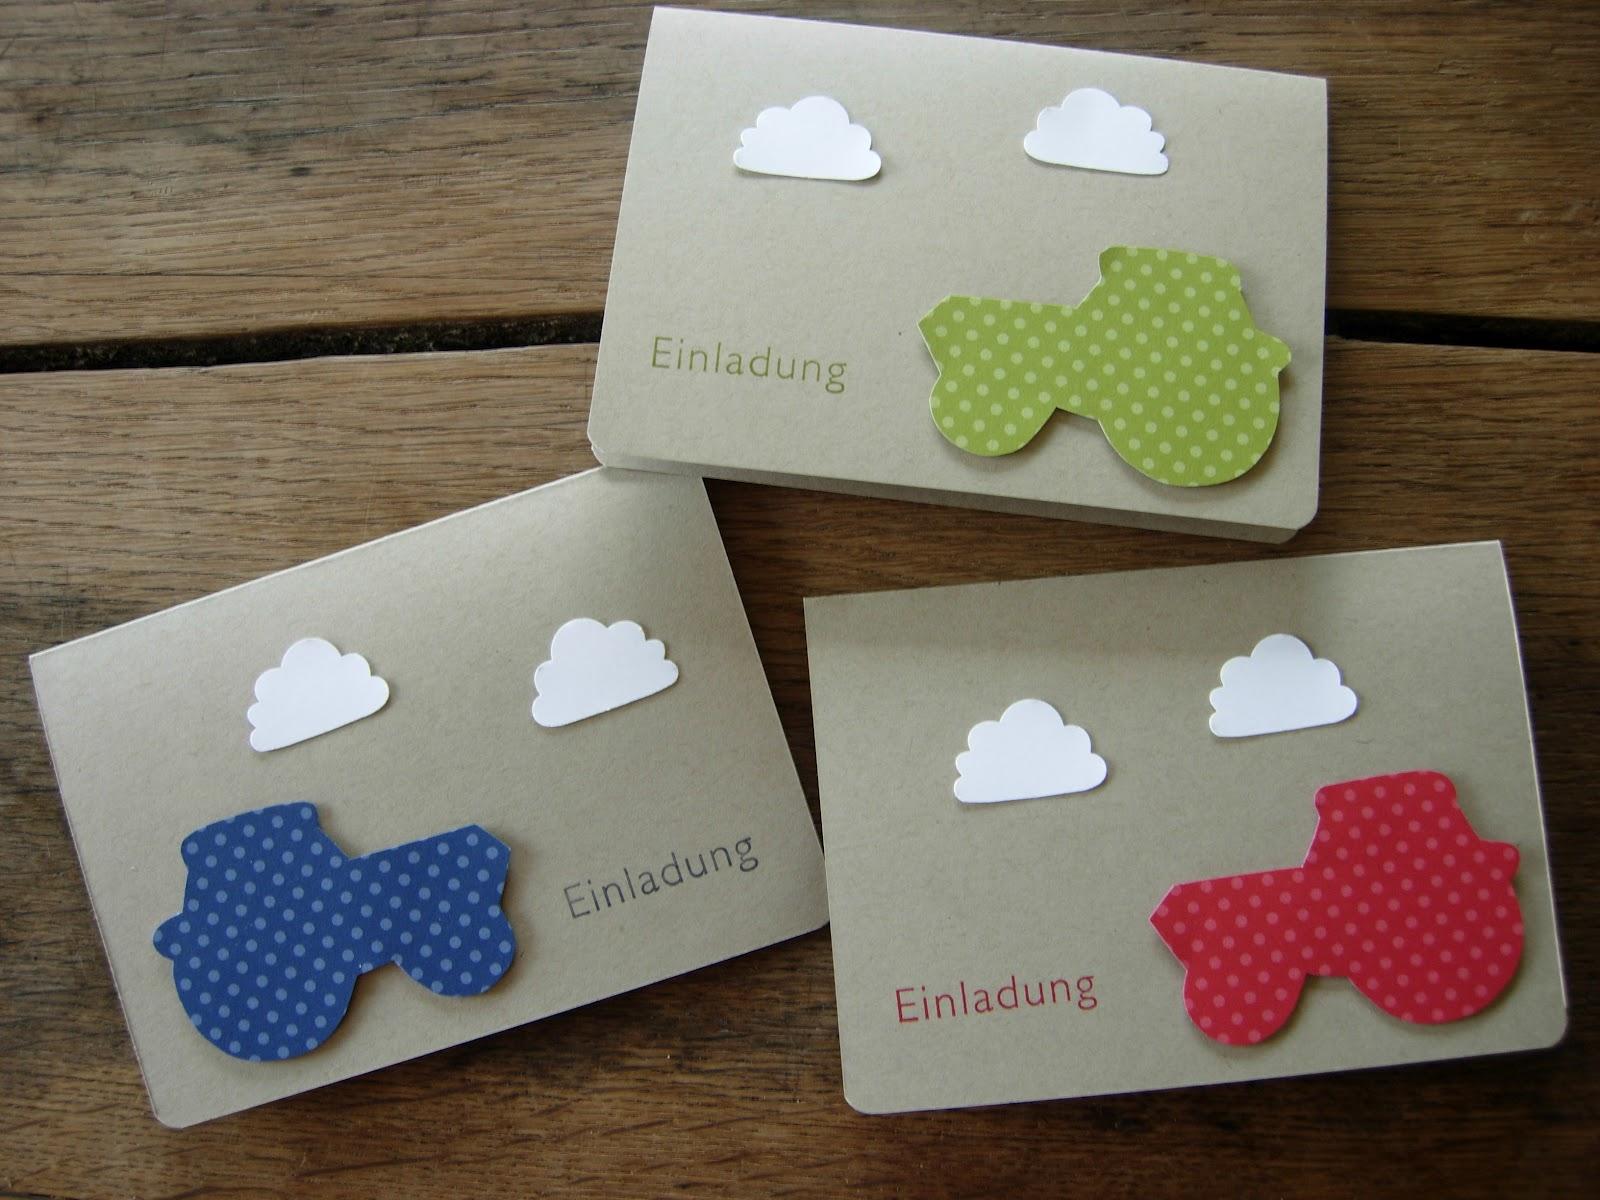 Einladungskarten Kindergeburtstag Bauernhof Zum Ausdrucken, Einladung.  Sauschön: Hallo!, Einladung